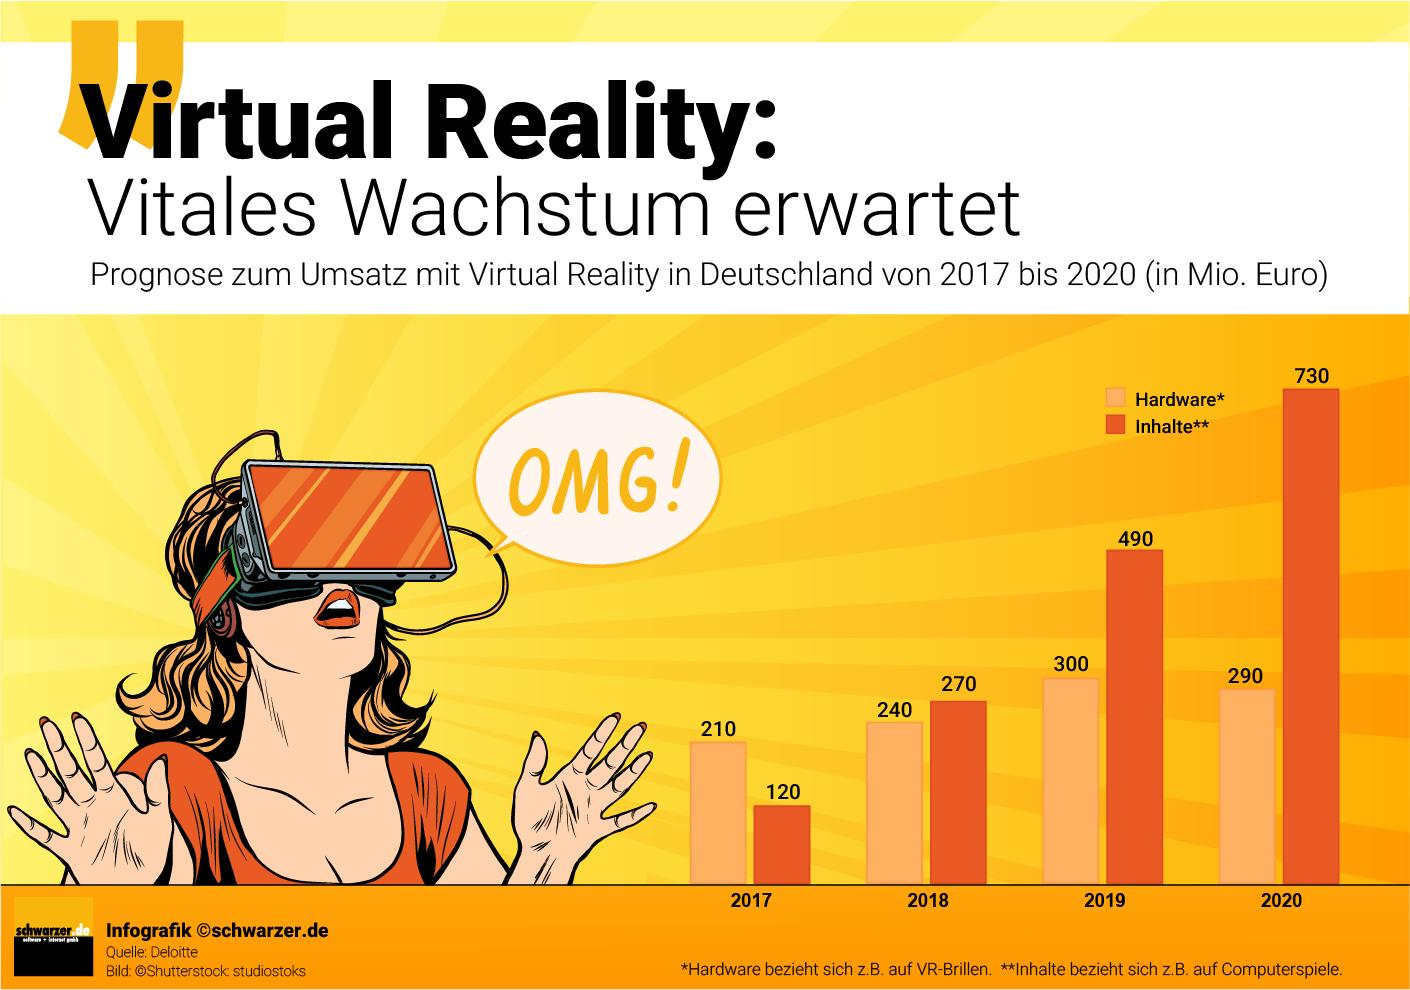 Infografik: Vitales Wachstum im Bereich Virtual Reality erwartet - Umsatz-Prognose in Deutschland 2017-2020 in Mio. Euro.